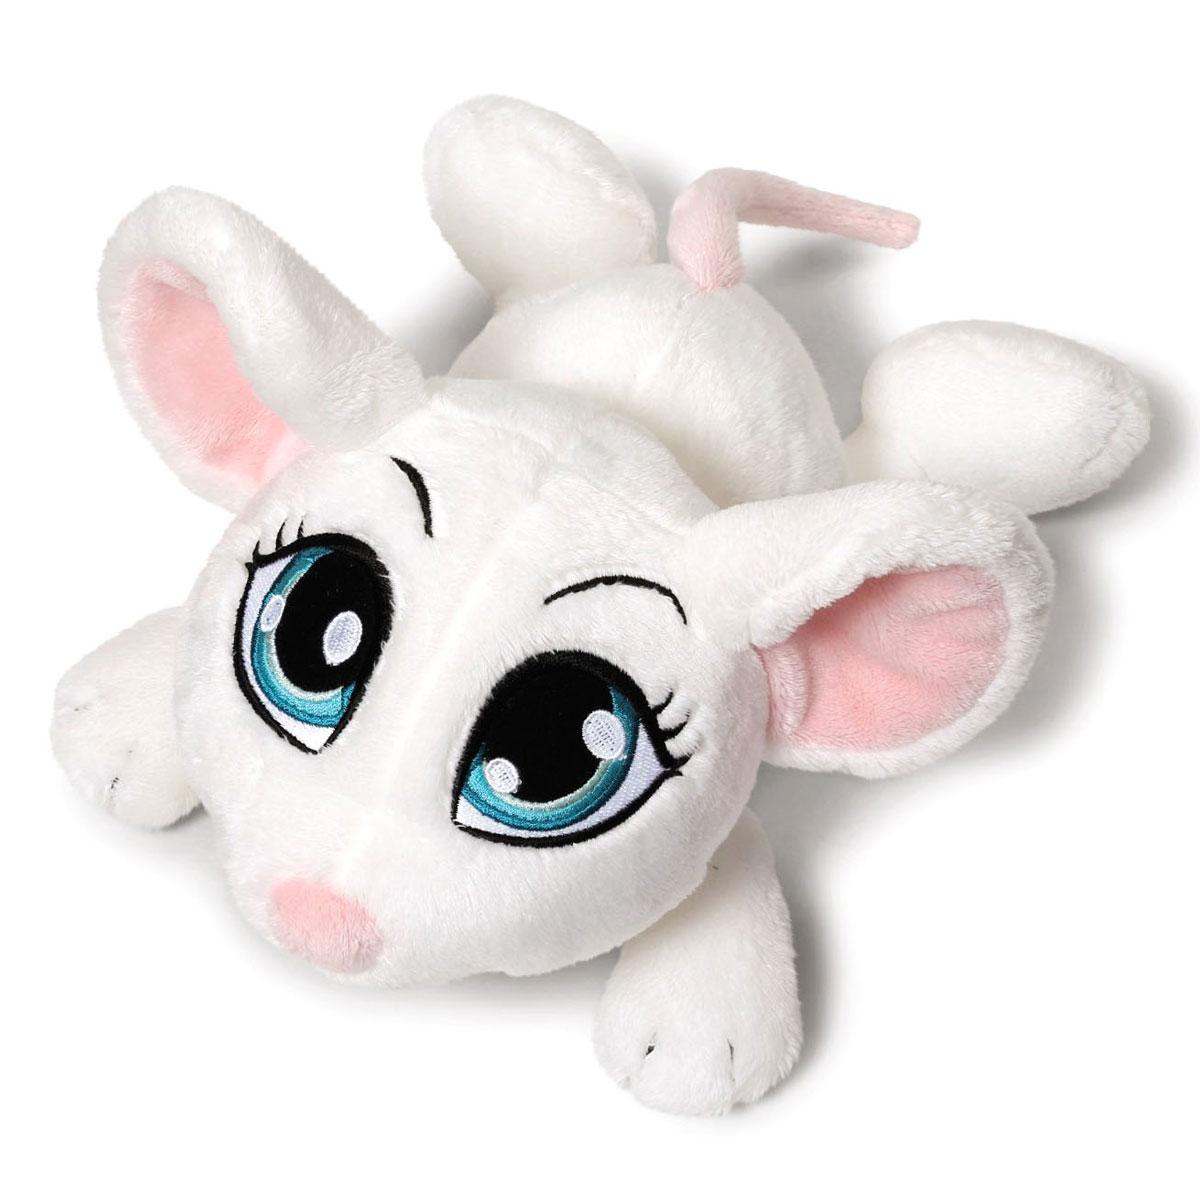 Nici Мягкая игрушка Мышка цвет белый 25 см37768Очаровательная мягкая игрушка Nici Мышка выполнена в виде симпатичного плюшевого мышонка. Игрушка изготовлена из высококачественного текстильного материала белого цвета. Игрушка невероятно мягкая и приятная на ощупь, вам не захочется выпускать ее из рук. У мышки огромные вышитые глазки, розовые ушки и длинный хвостик. Удивительно мягкая игрушка принесет радость и подарит своему обладателю мгновения нежных объятий и приятных воспоминаний. Специальные гранулы, использующиеся при ее набивке, способствуют развитию мелкой моторики у малыша. Великолепное качество исполнения делают эту игрушку чудесным подарком к любому празднику. Трогательная и симпатичная, она непременно вызовет улыбку у детей и взрослых.